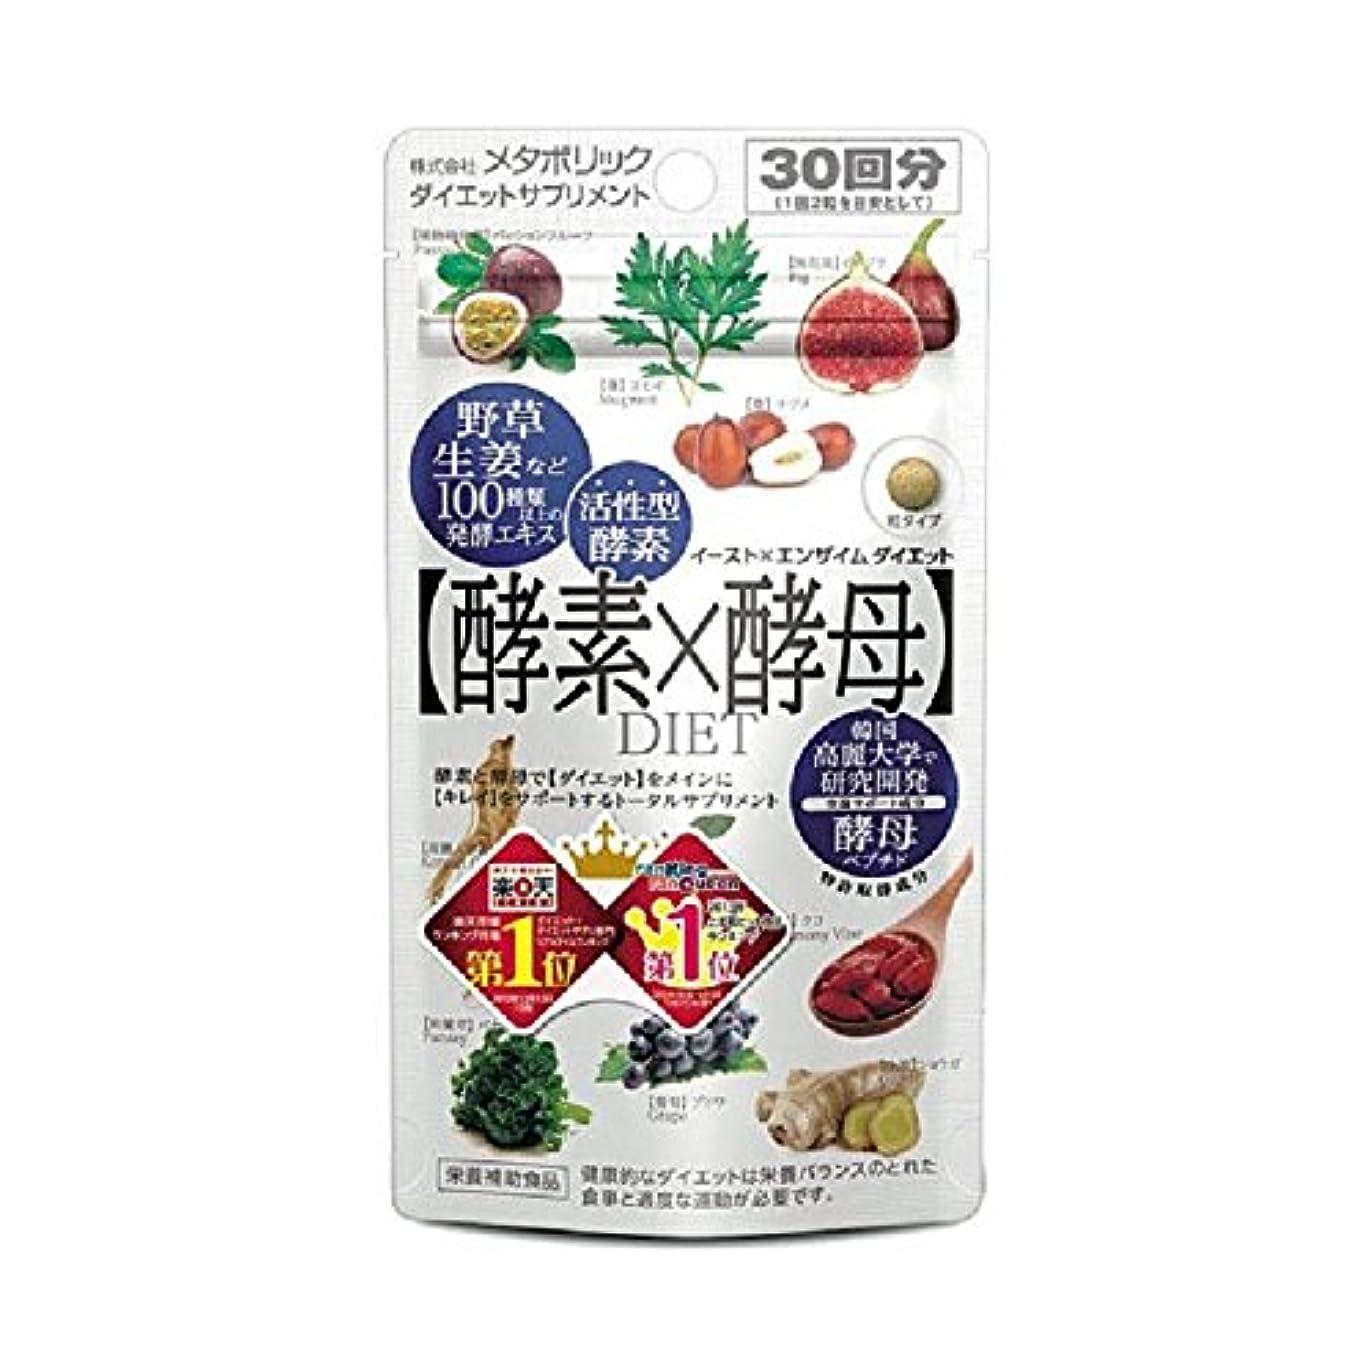 白い寛大さ状況酵素×酵母 イースト×エンザイムダイエット 60粒×5個セット